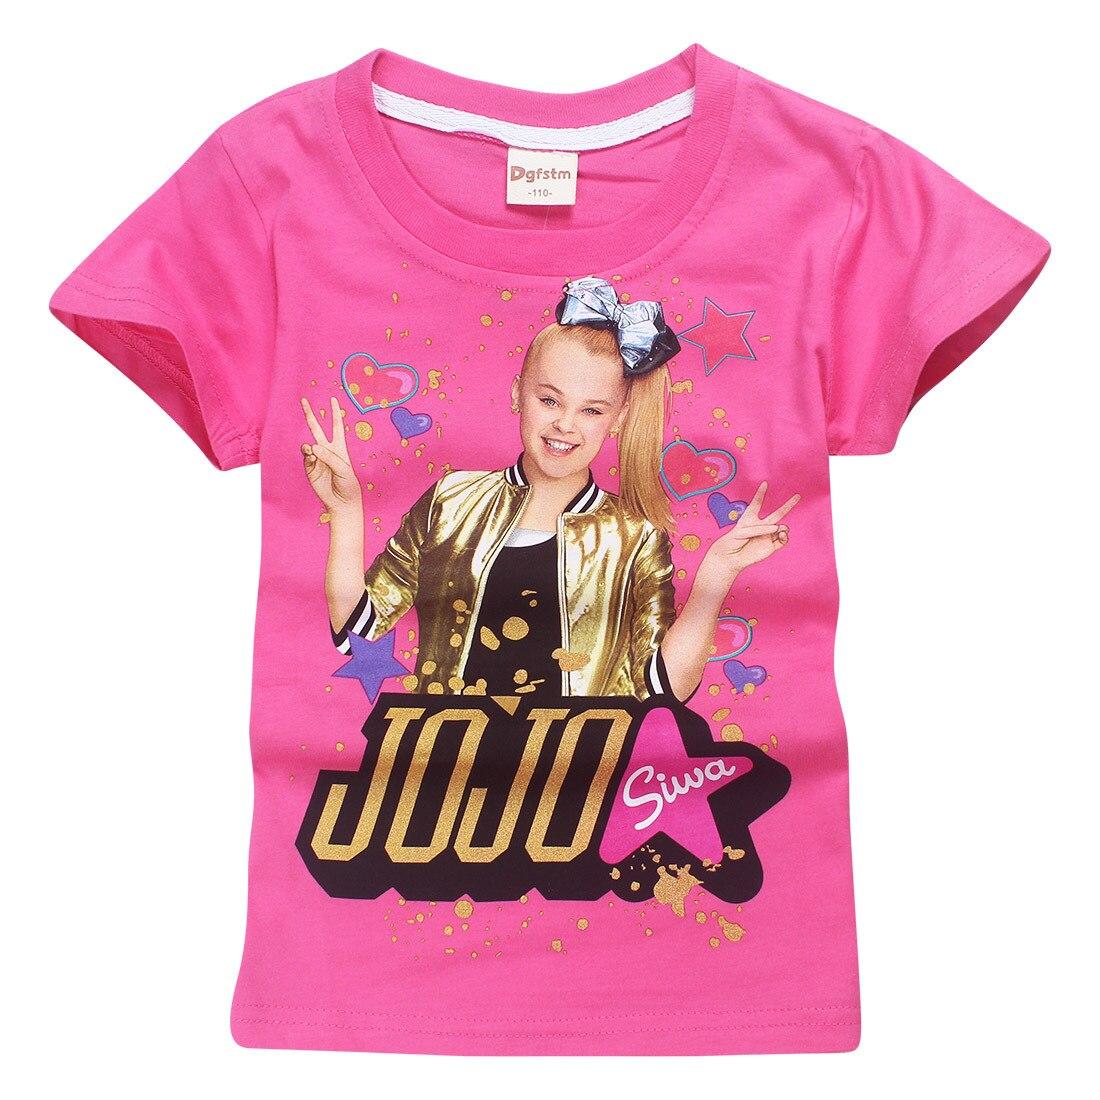 40450188b Bebé JoJo Siwa manga corta Tops traje grande Niñas camisetas para niños  niña blusa T Shirt 100% algodón ropa de verano